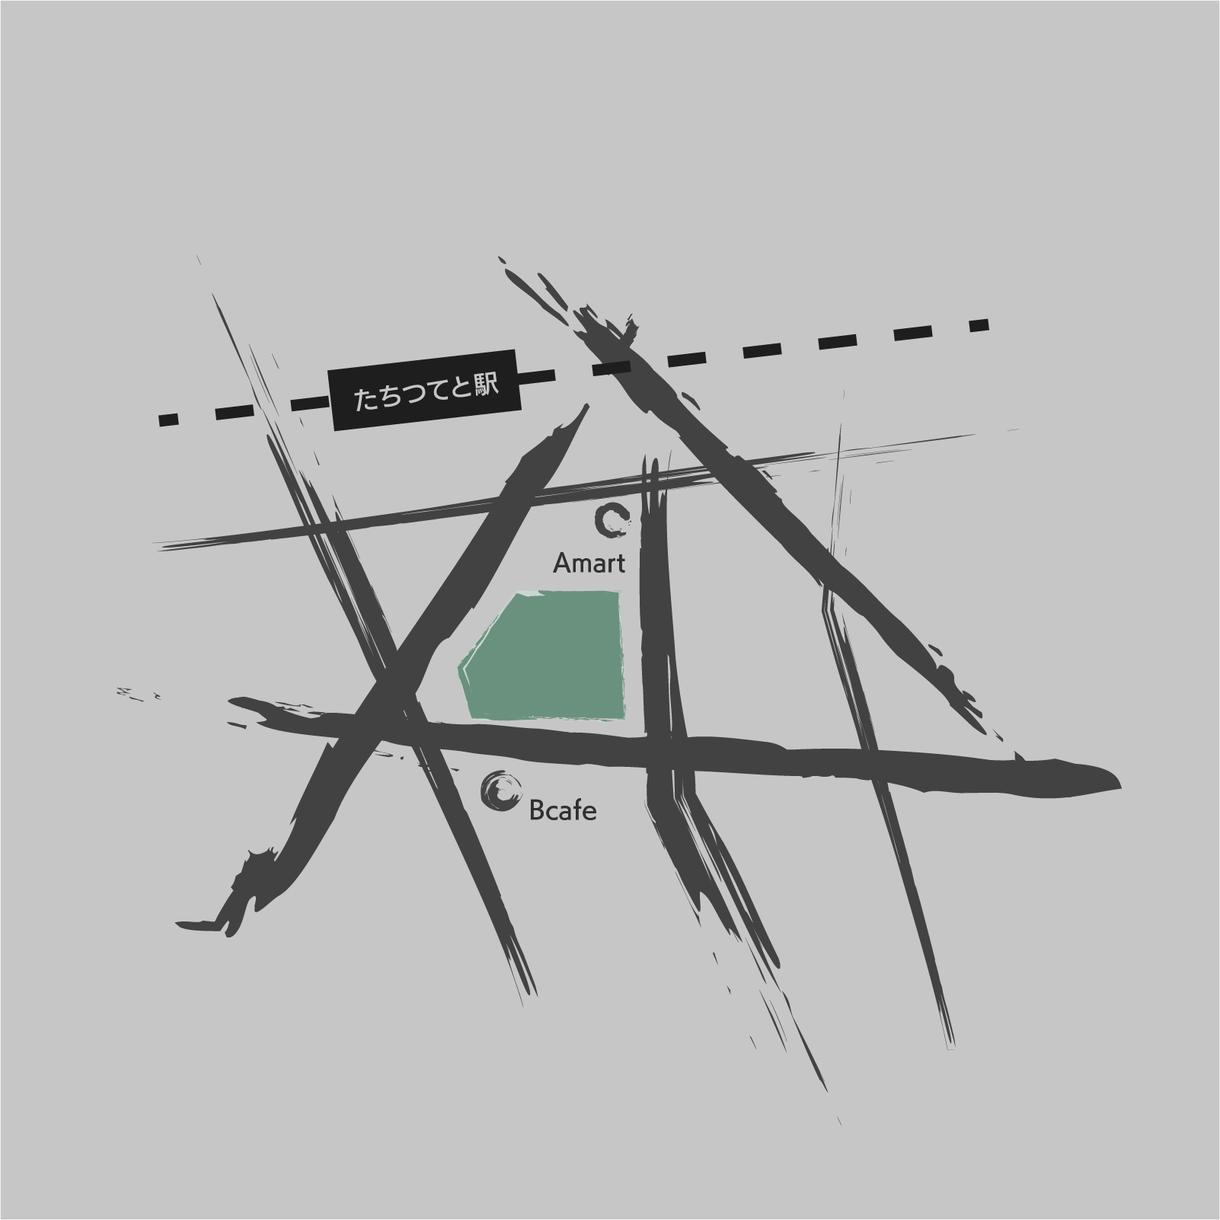 シンプルでおしゃれな地図を作成いたします 名刺・ブログやHP等に掲載できるおしゃれな地図はいかがですか